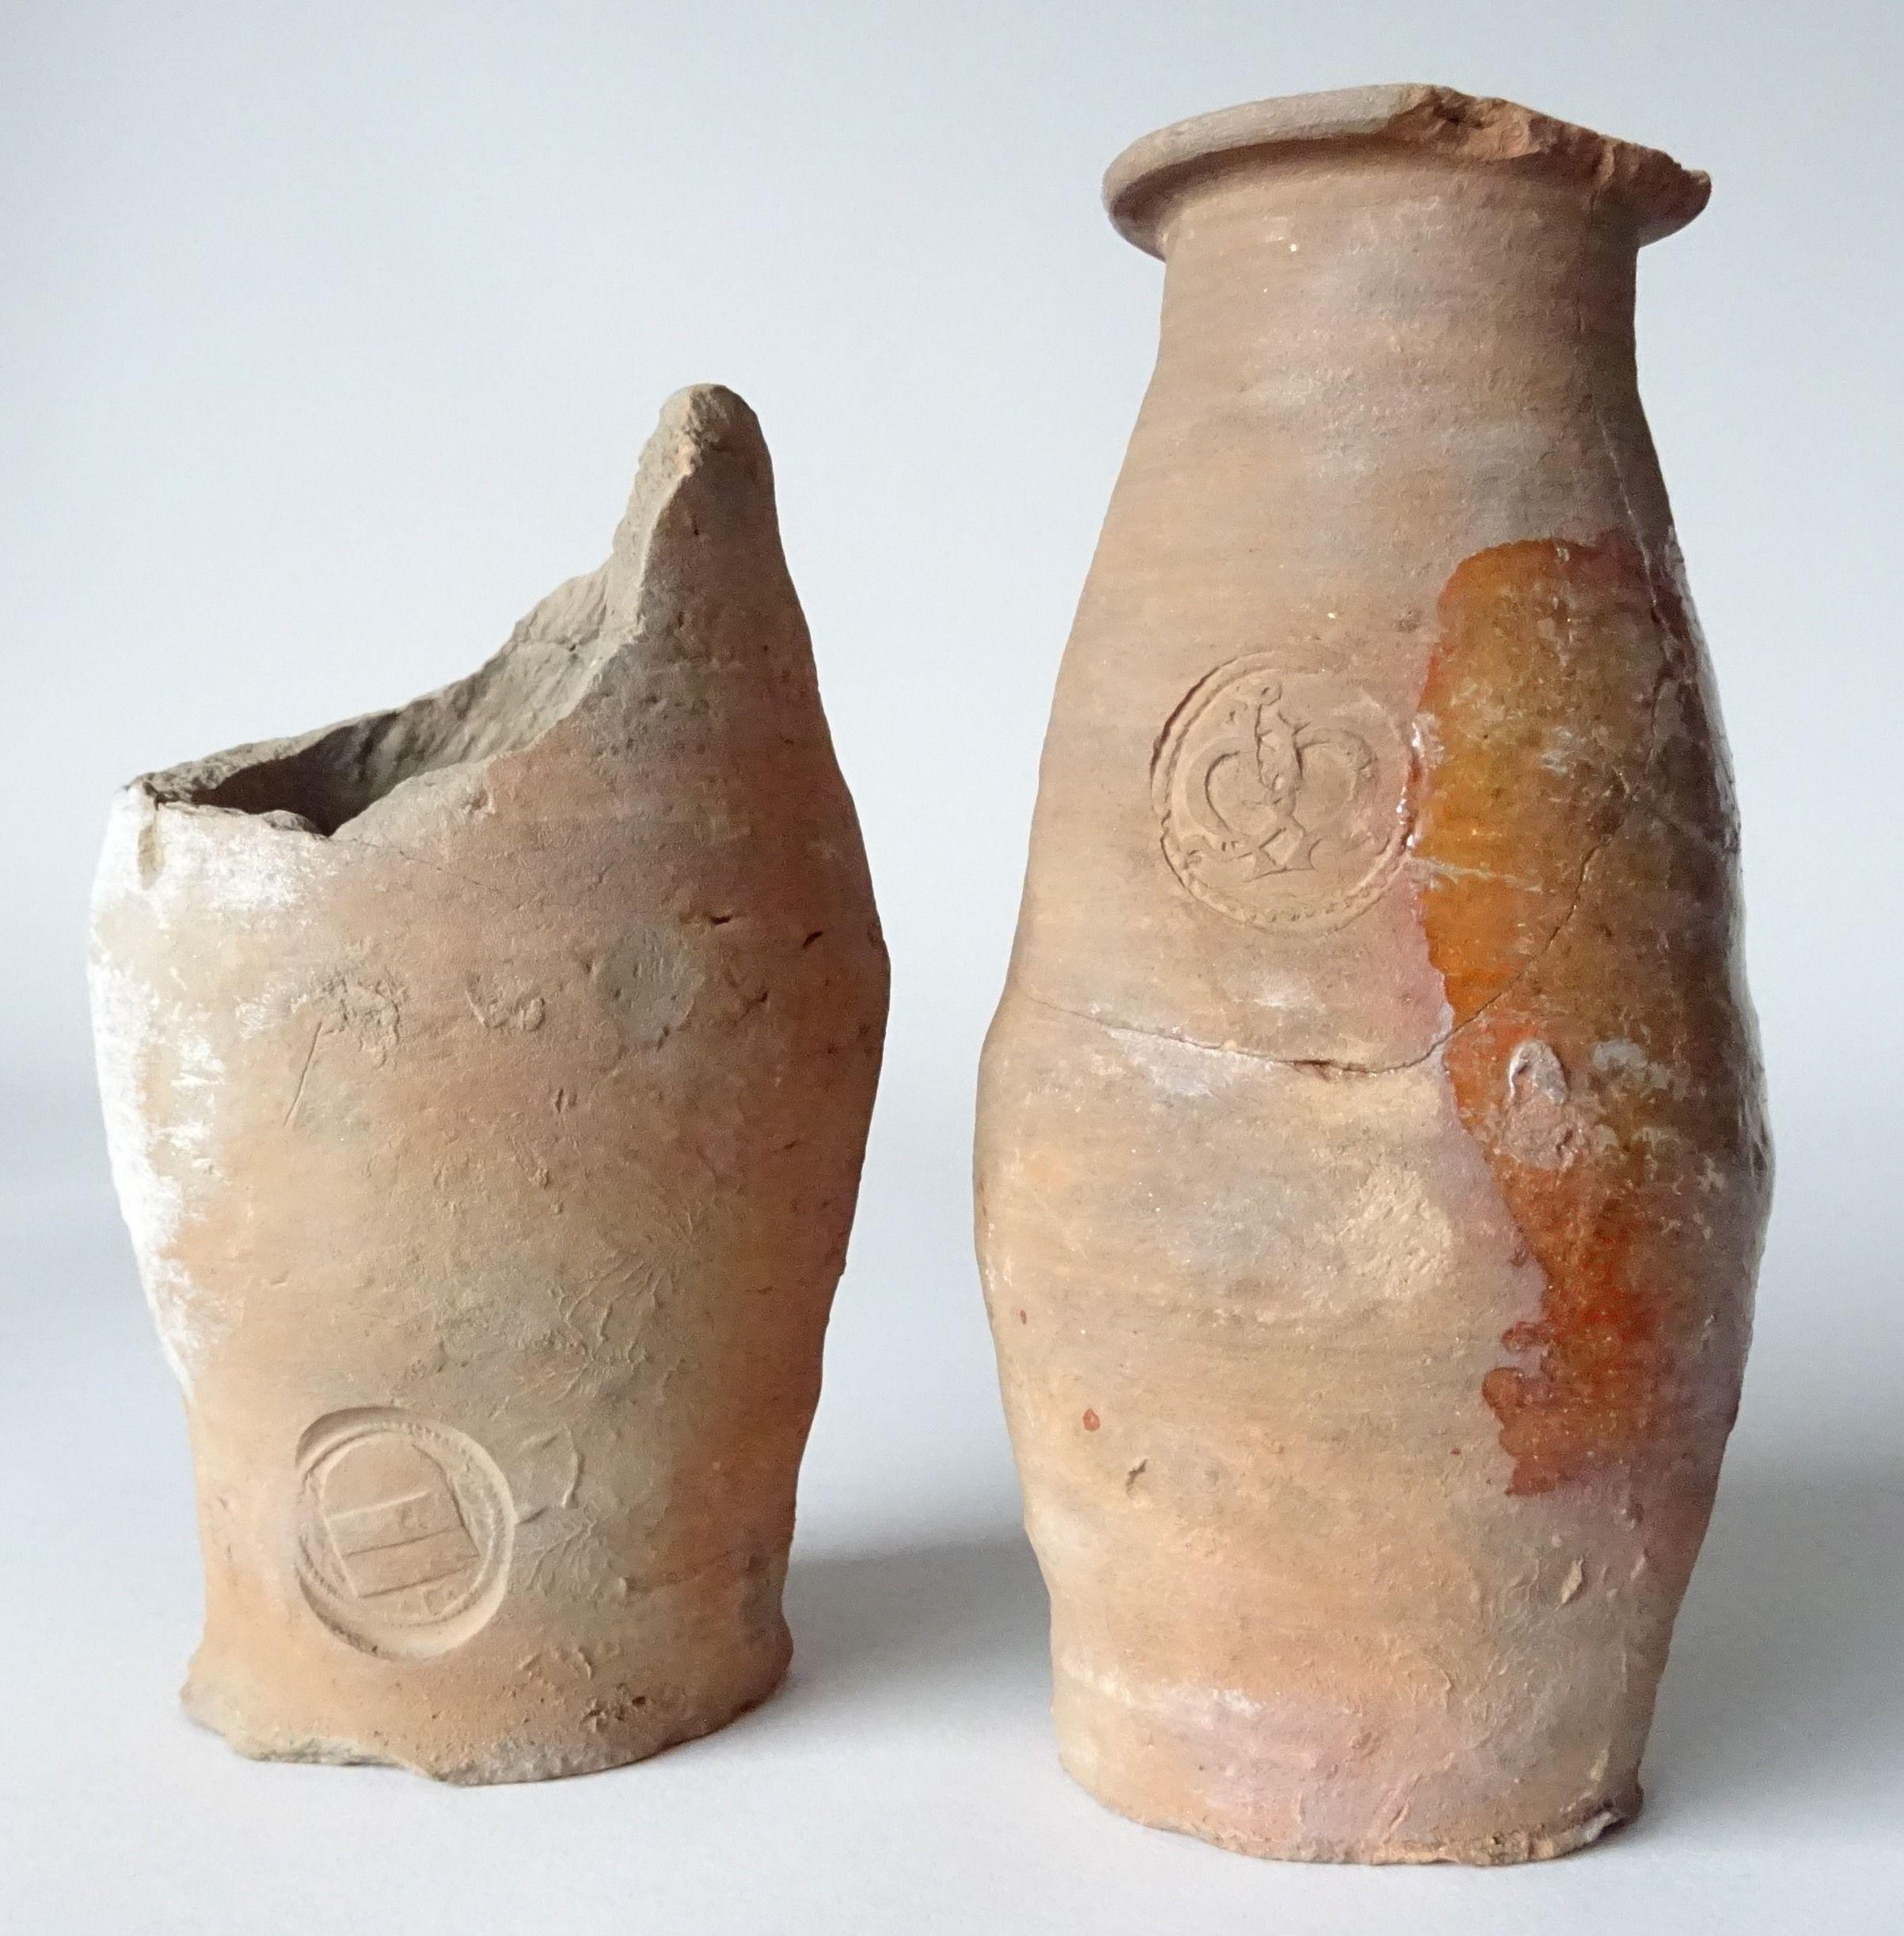 Twee van de 33 gevonden containers met merken. (Zeeuws Archeologisch Depot, SCEZ)